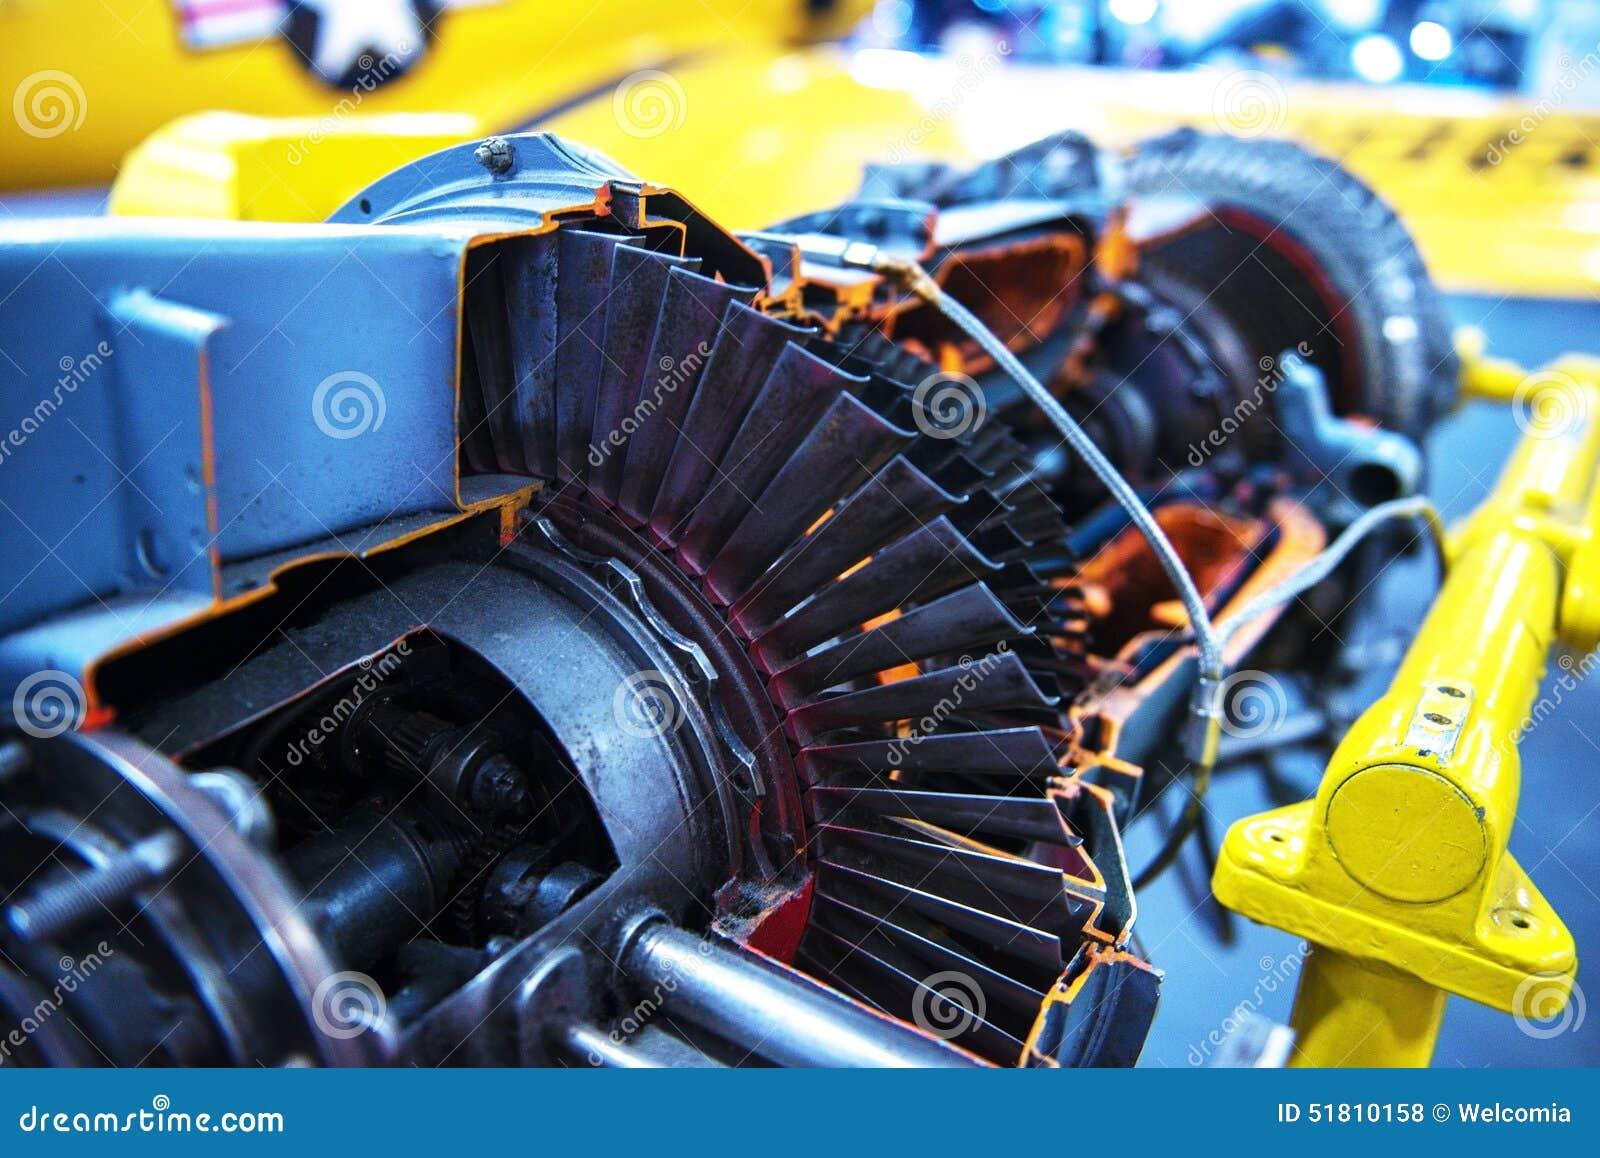 Jet Turbine Engine Profile